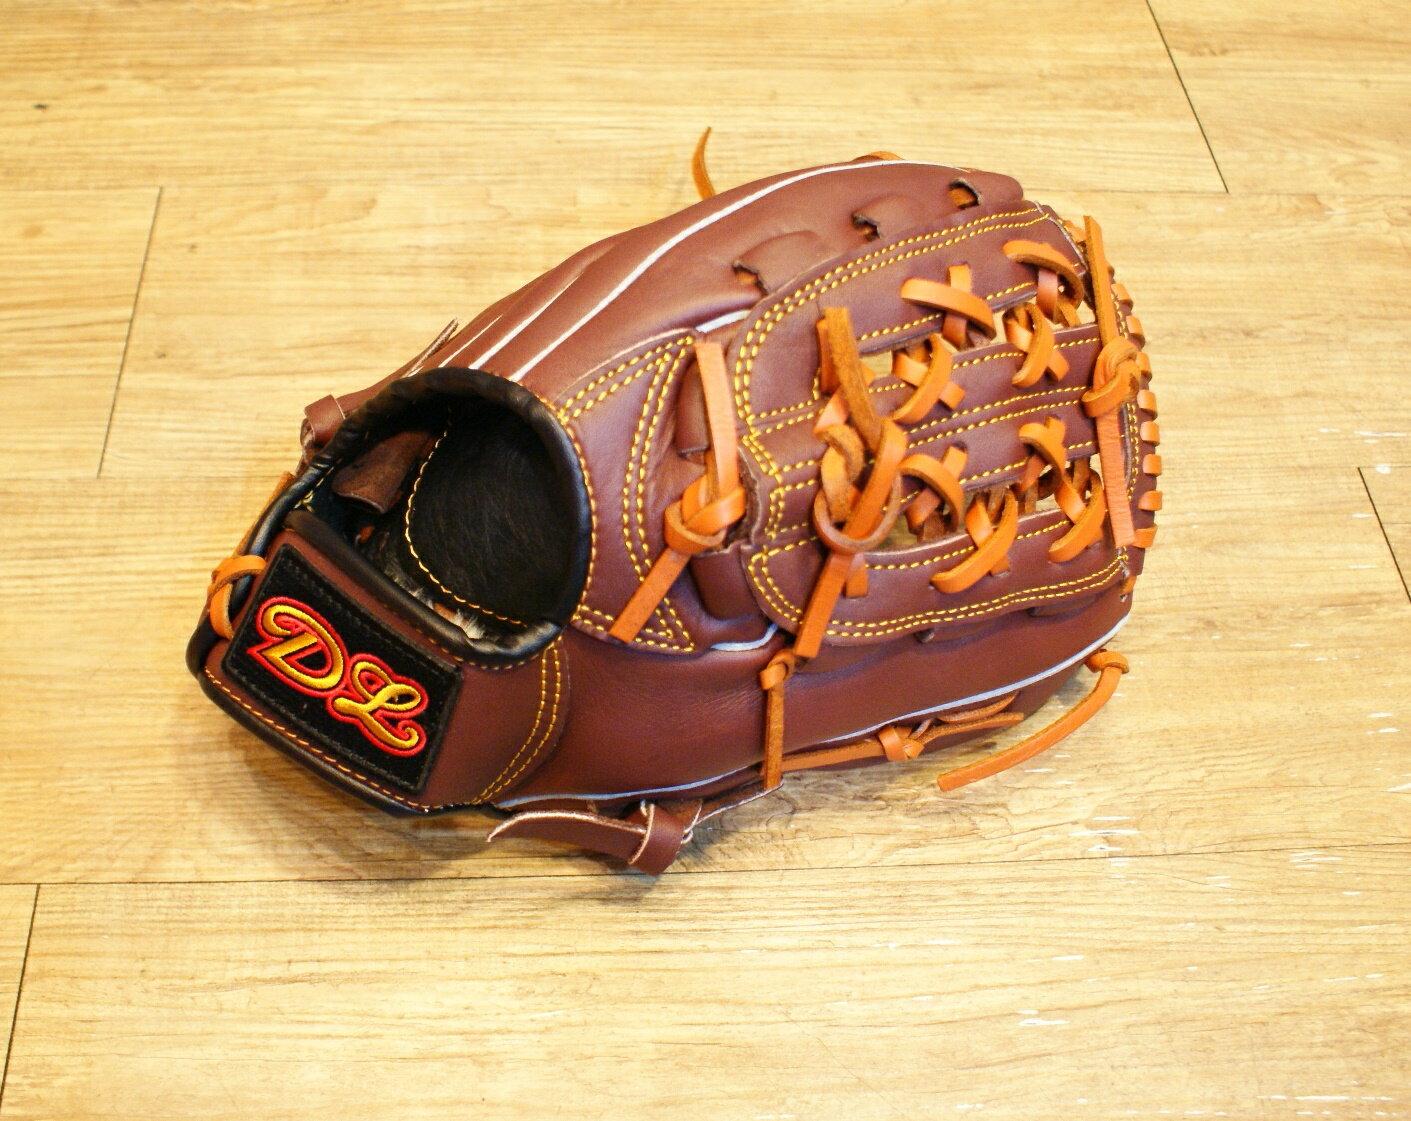 〈棒球世界〉DL內野網狀訂製款 12.吋咖啡色棒壘手套 特價 送手套袋